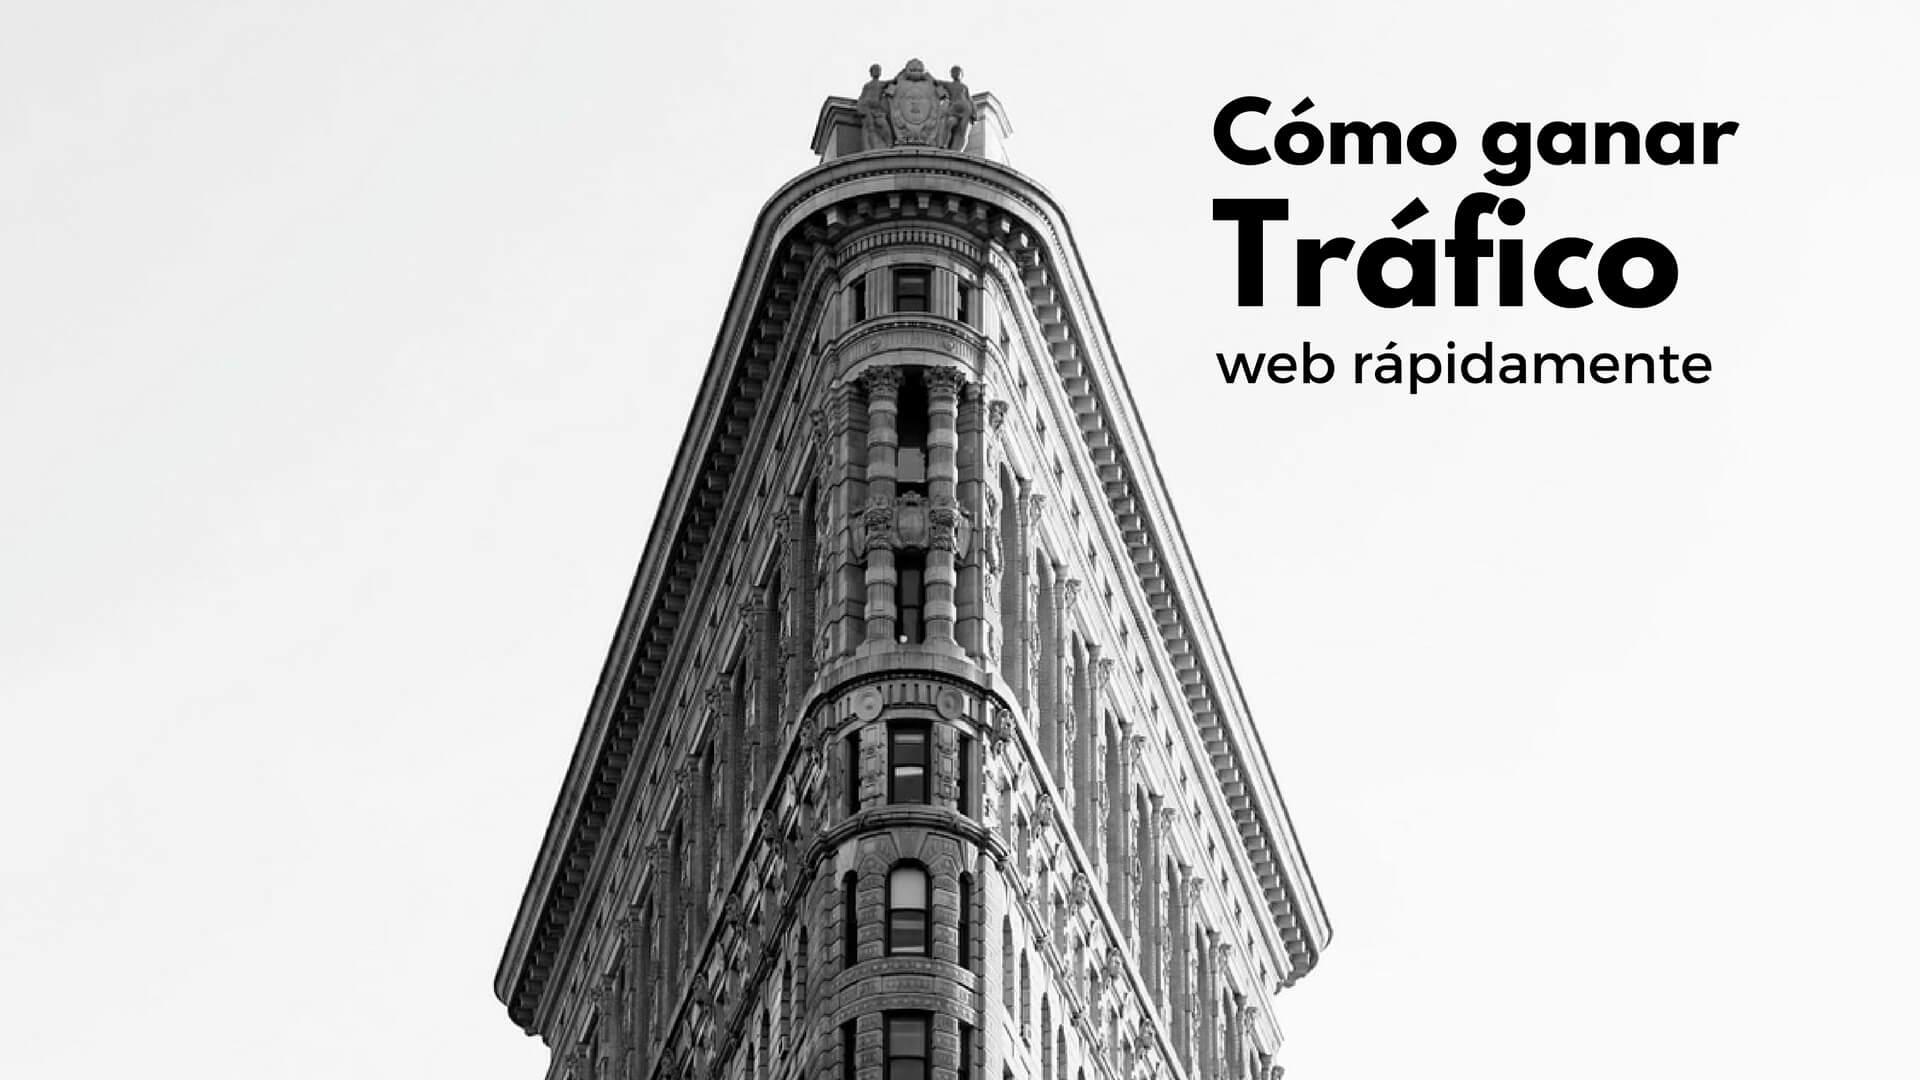 Cómo ganar tráfico web rápidamente para tener visitas de calidad